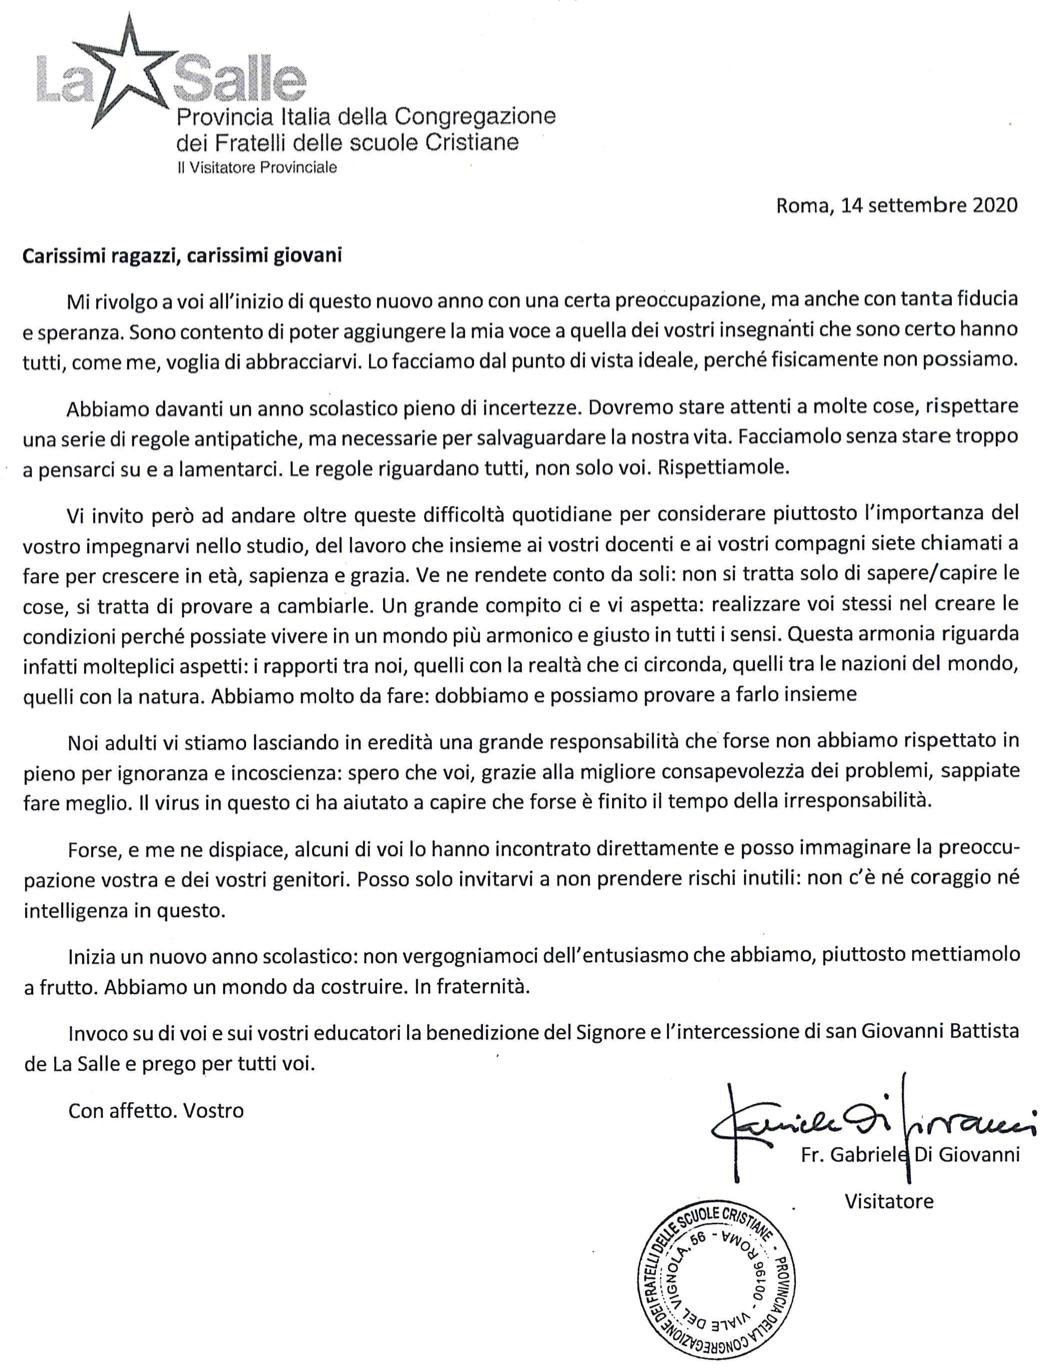 Lettera Inizio Anno Scolastico 2020-2021 Visitatore Provinciale Fratel Gabriele Di Giovanni